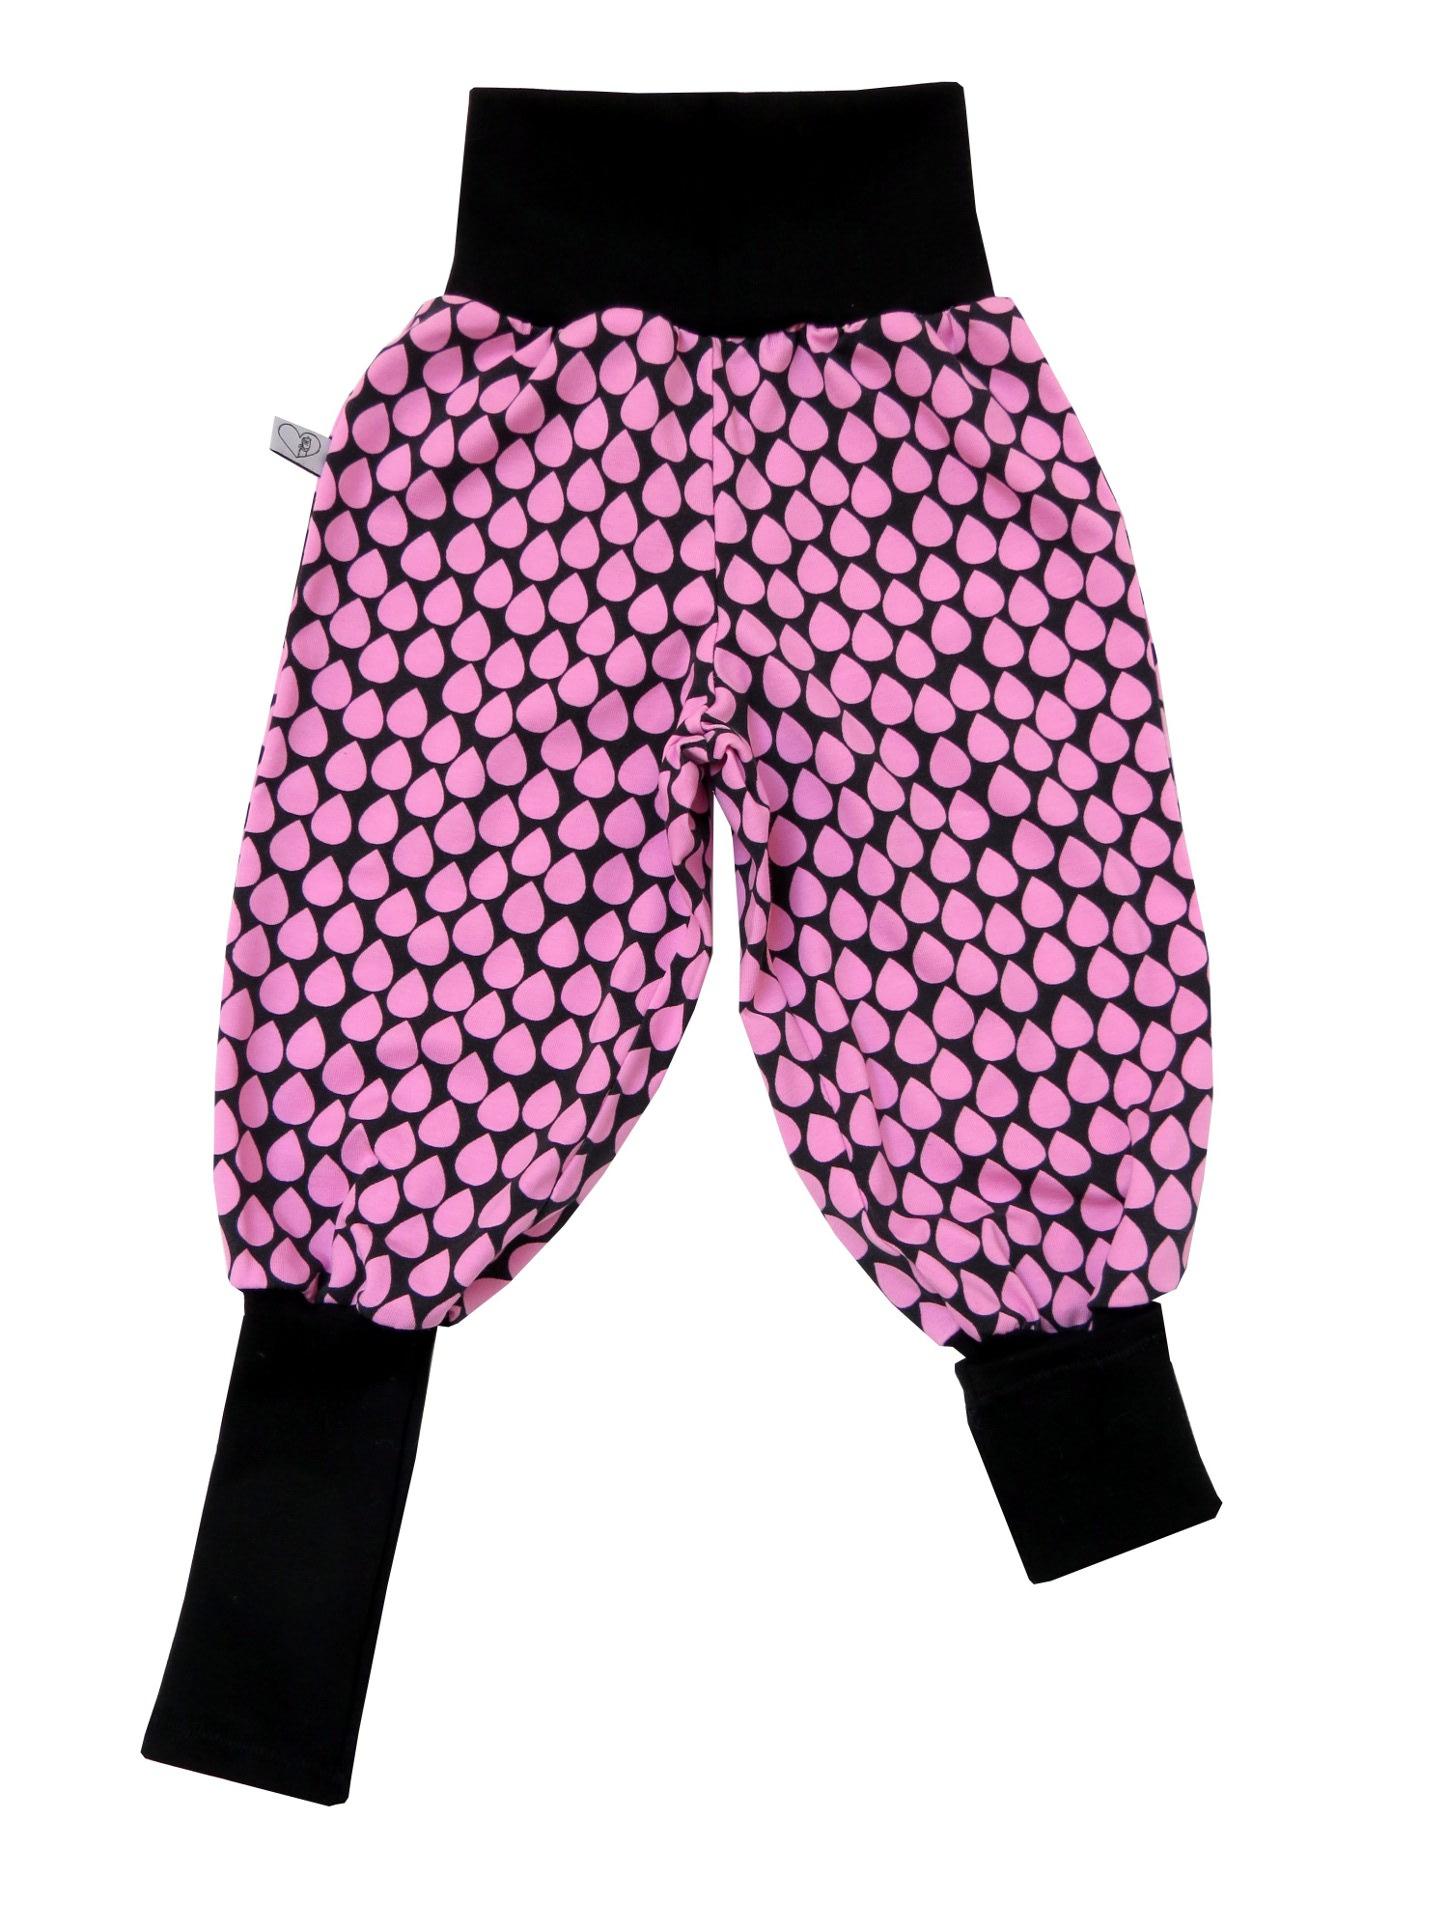 Kleinesbild - Mitwachshose Tropfen Hose Pumphose in rosa und schwarz